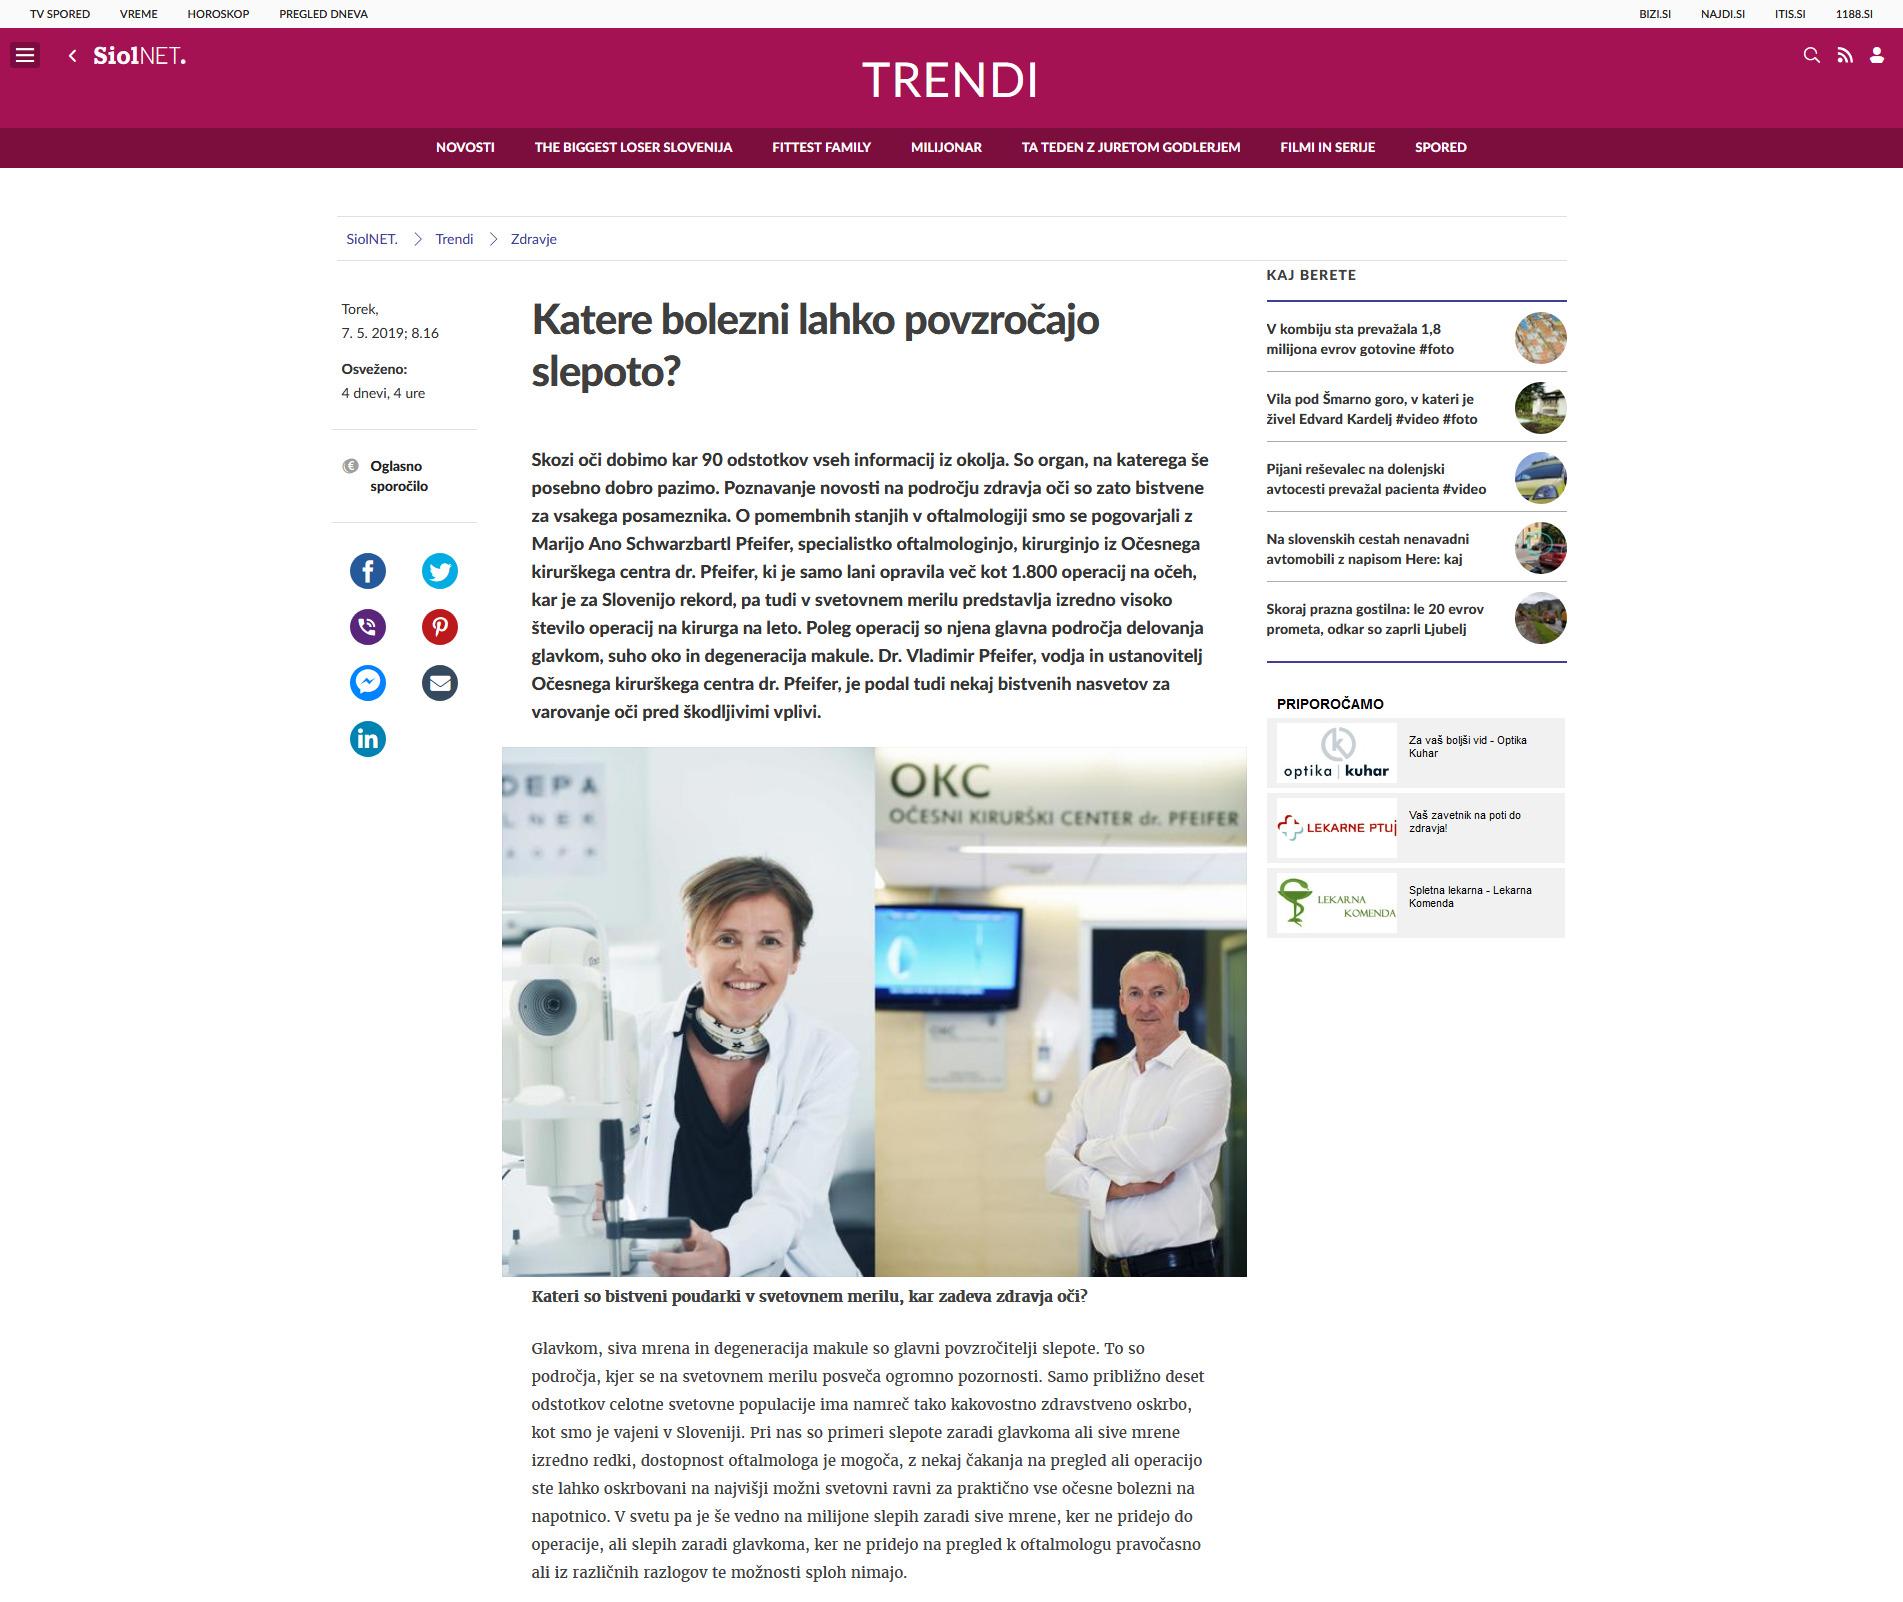 Siol.net - Katere bolezni lahko povzročijo slepoto - maj 2019